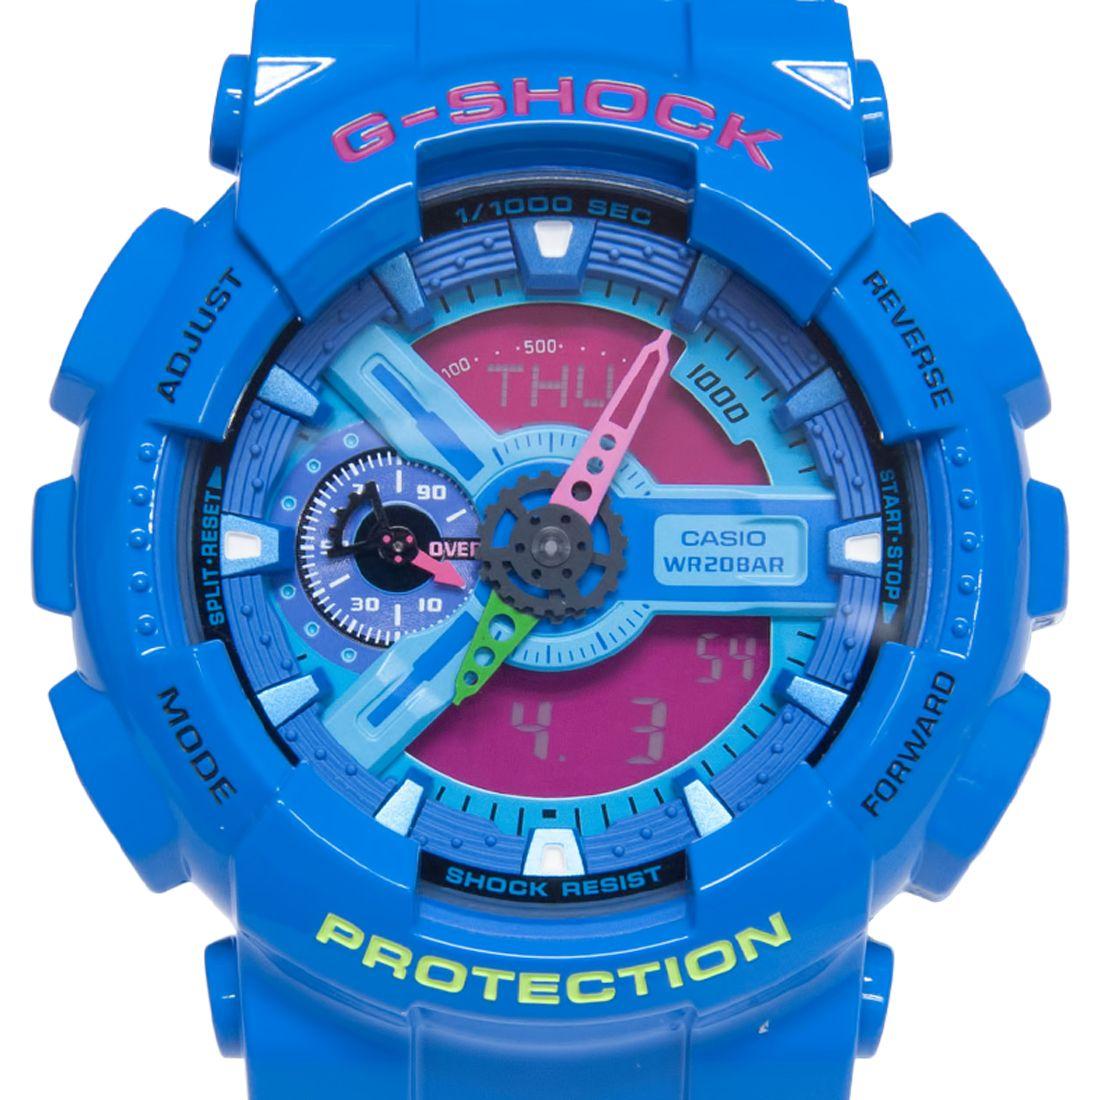 Casio GShock Chronograph WR200m Mens Watch GA110HC2ADR